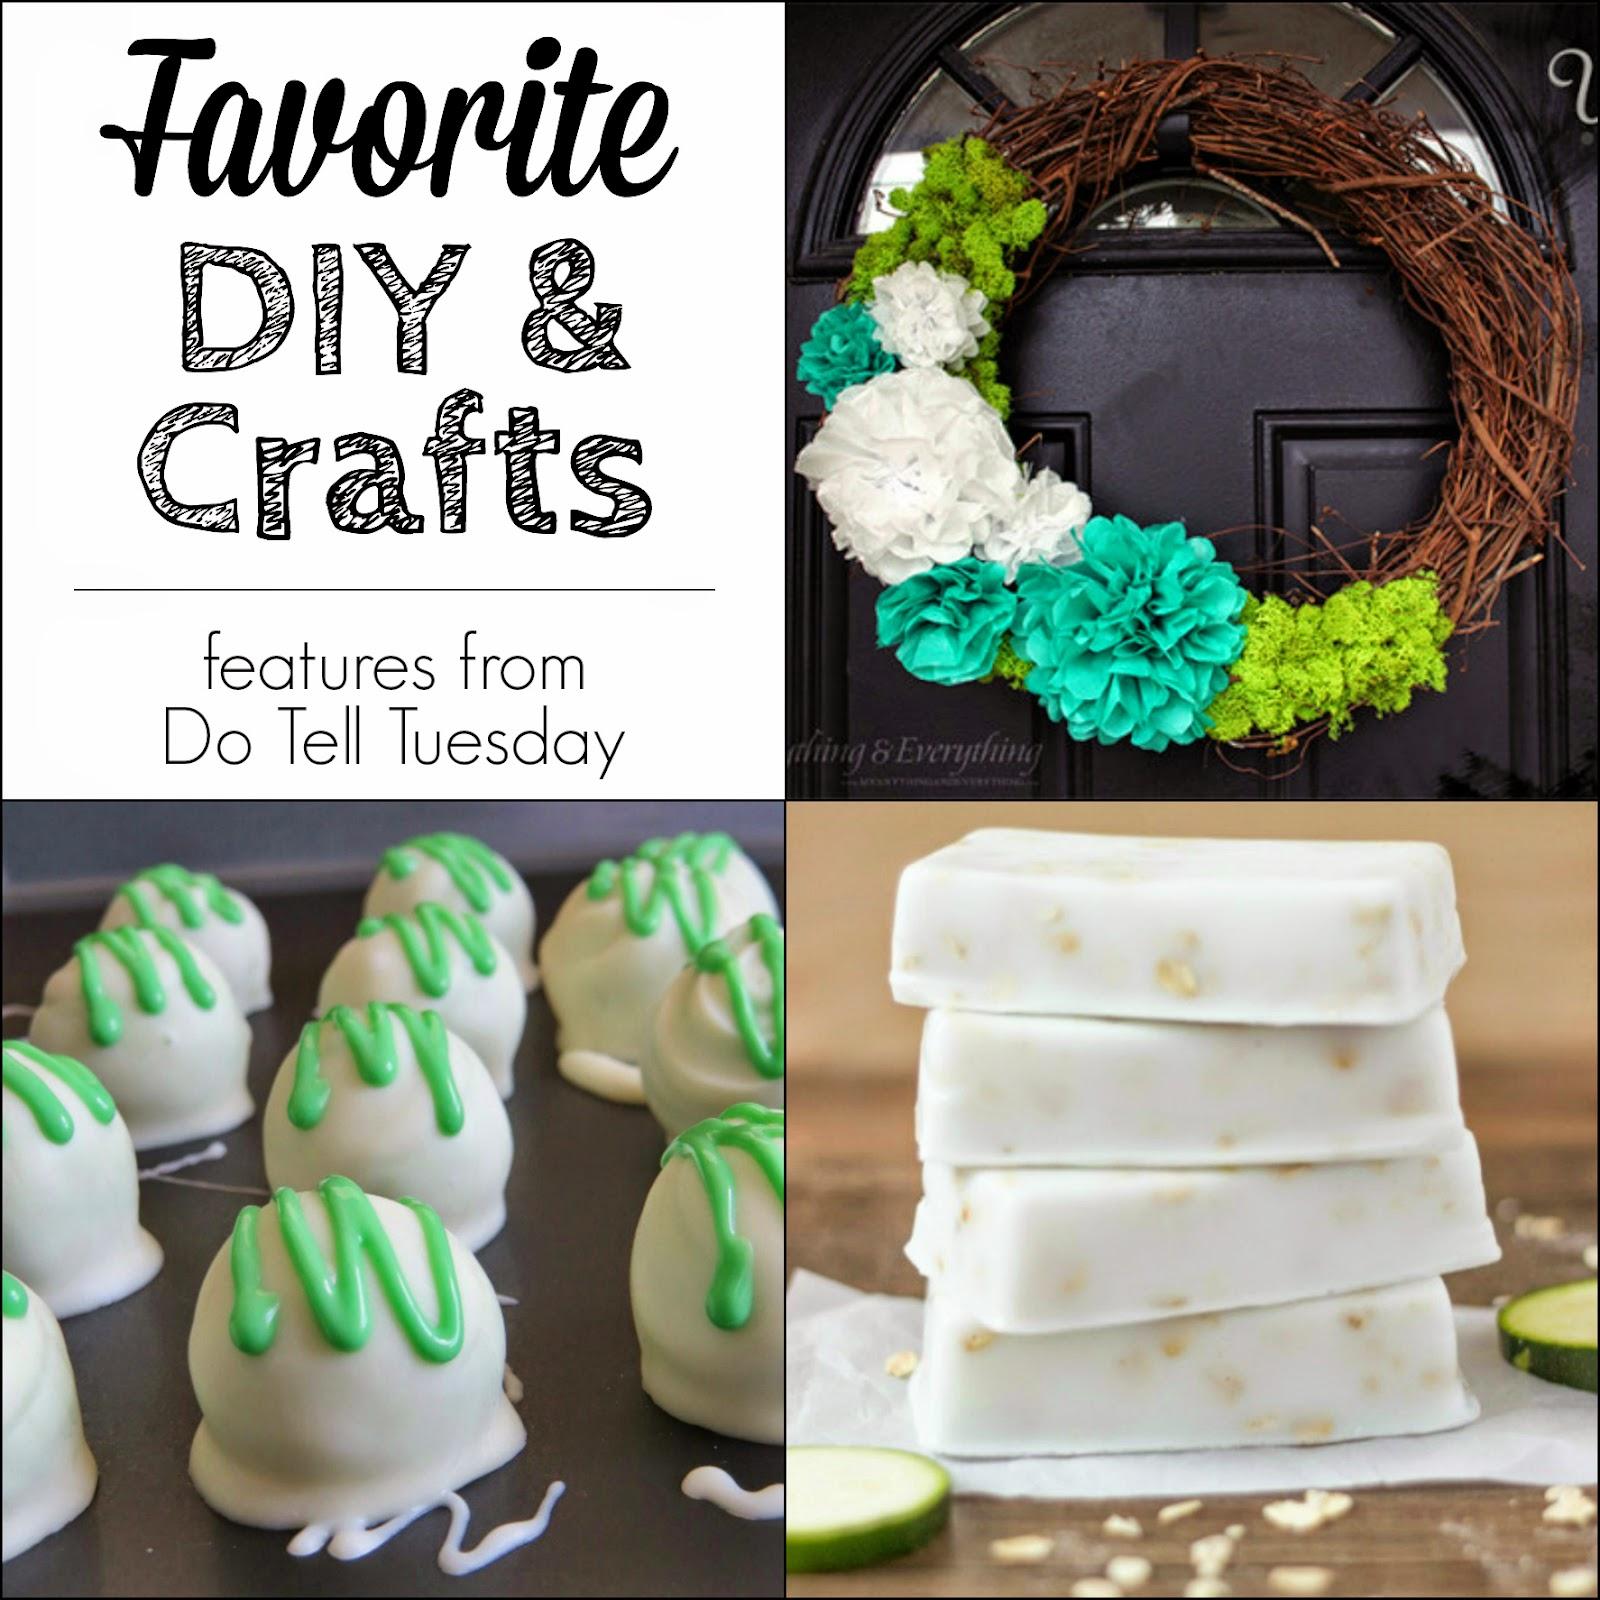 Favorite DIY & Crafts at Diane's Vintage Zest!